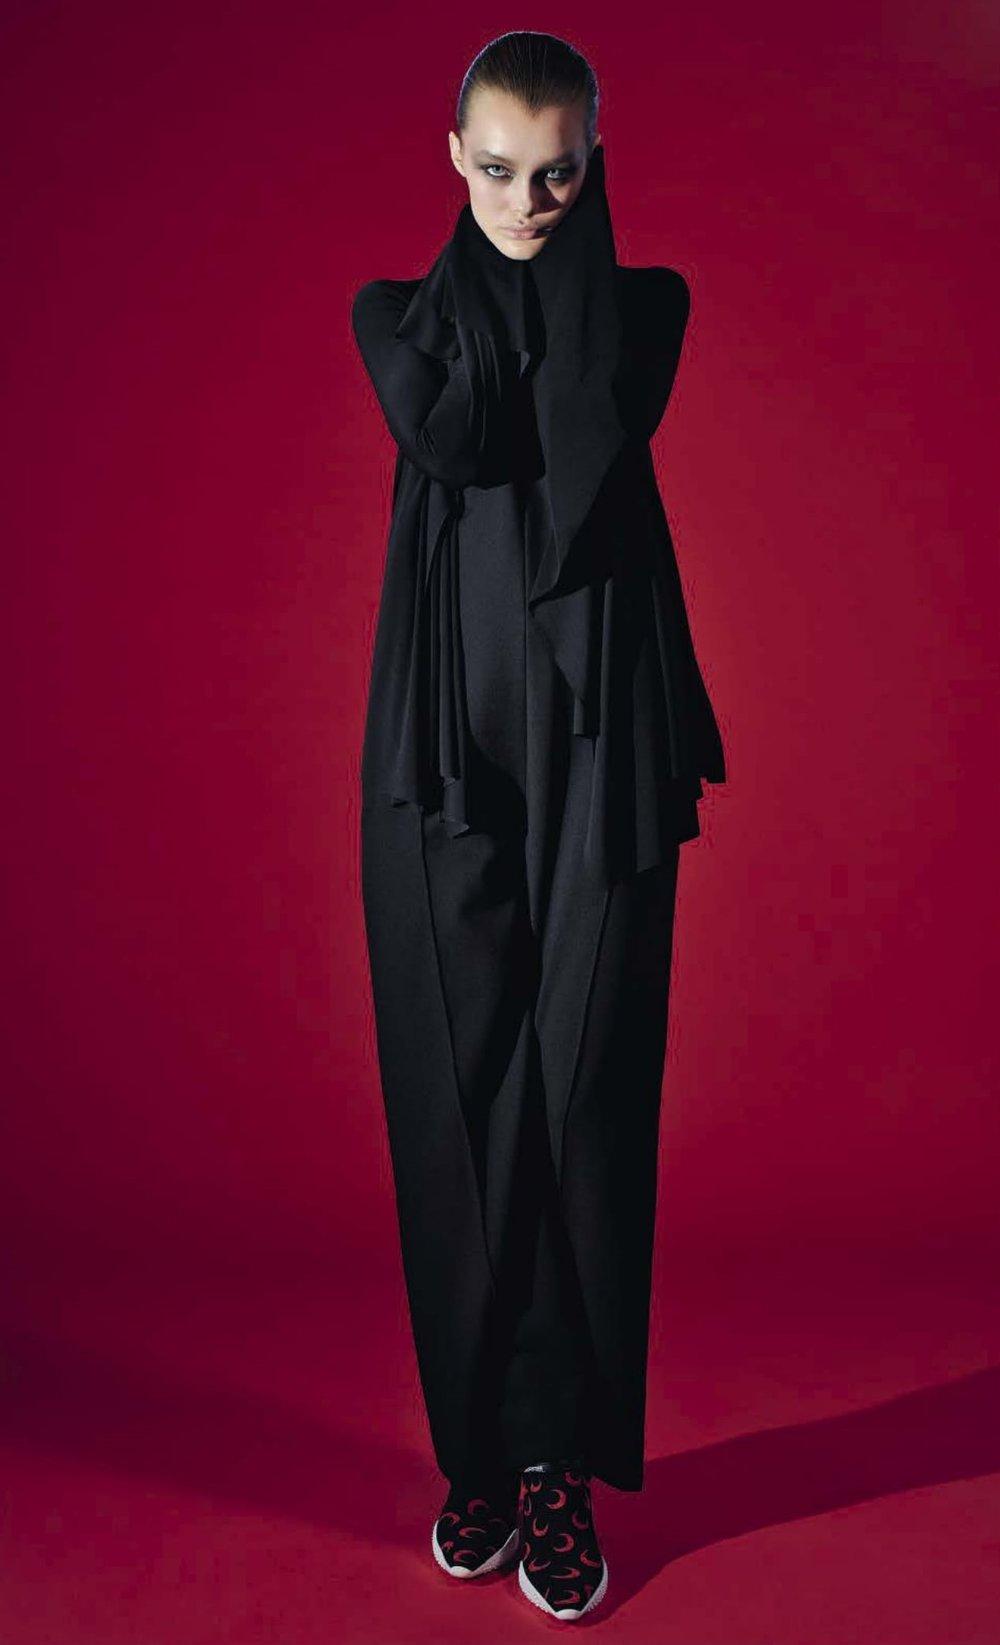 Kris Grikaite, Anok Yai by Collier Schorr Vogue Italy (1).jpg